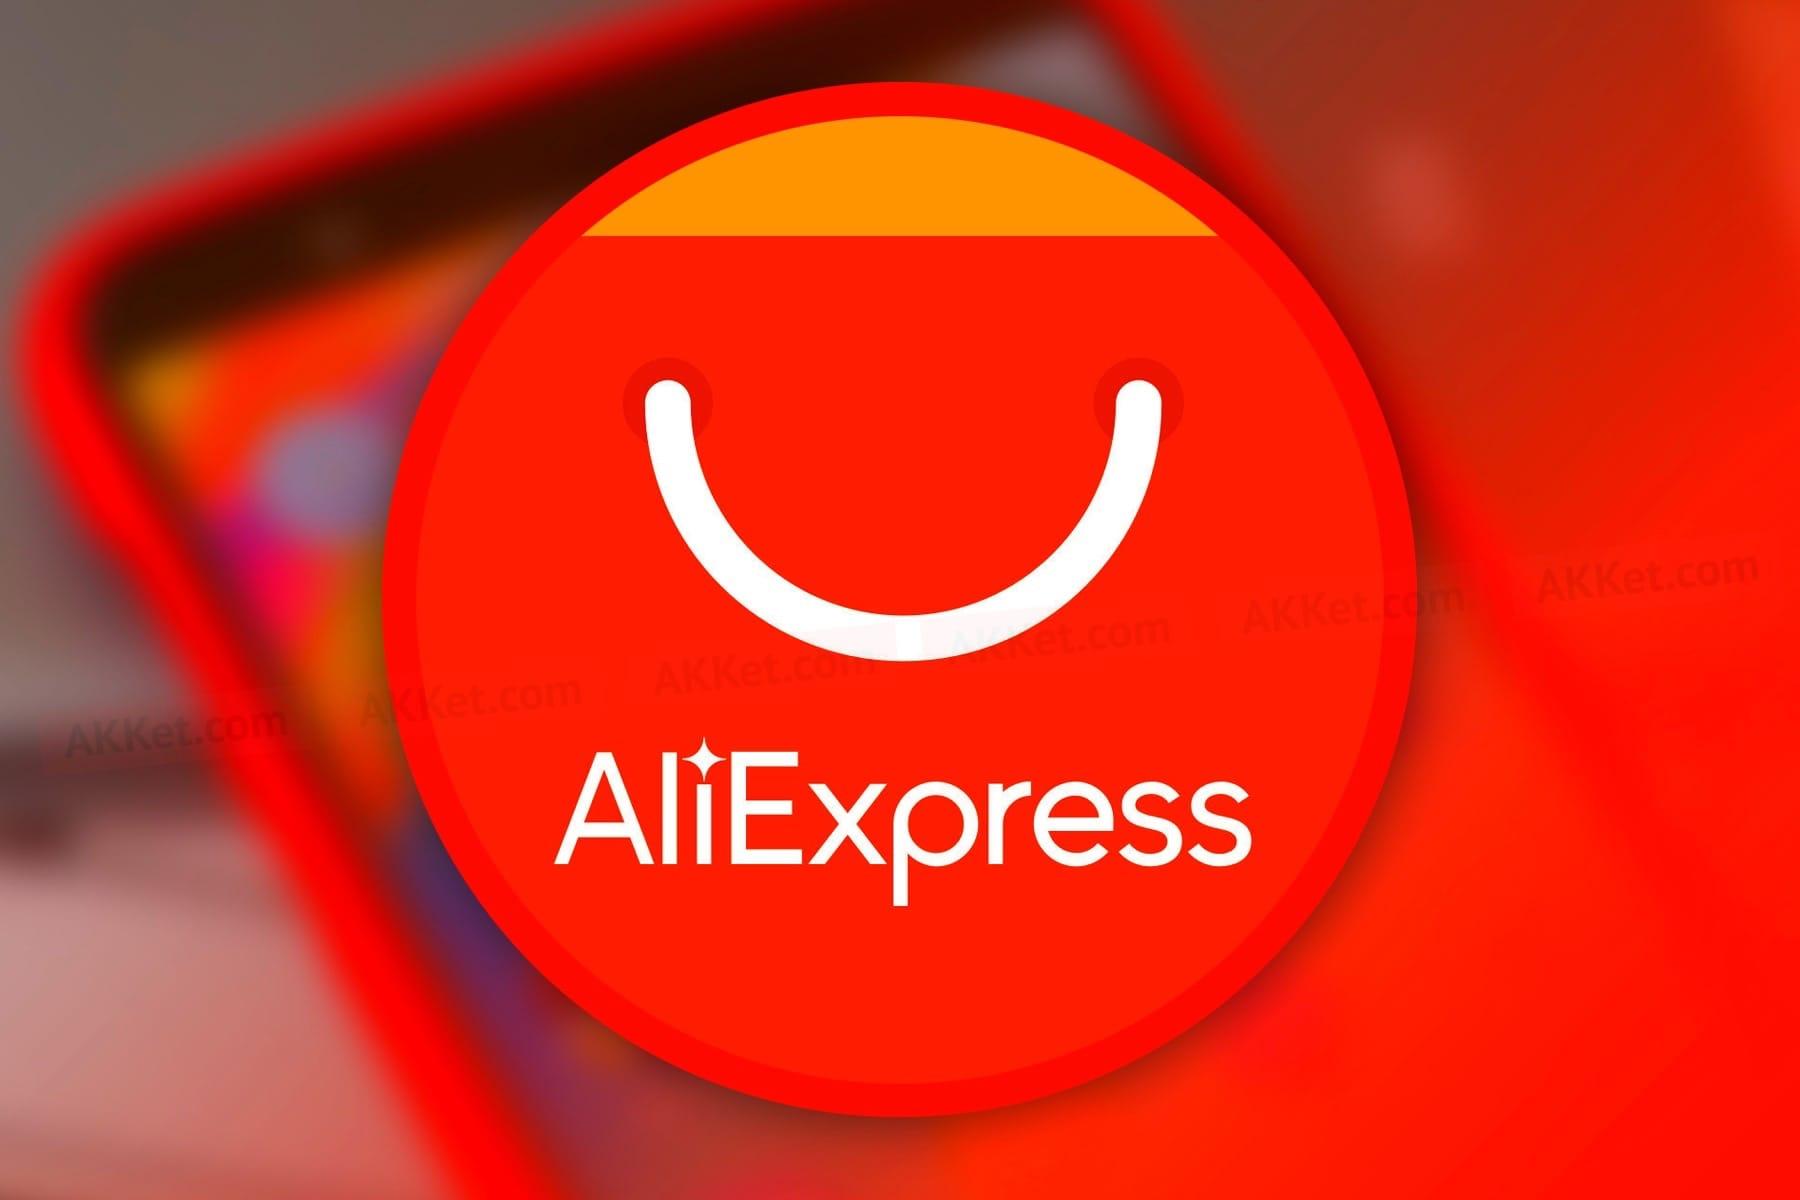 Смешные наименования для товаров вAliExpress выдумывает нейросеть